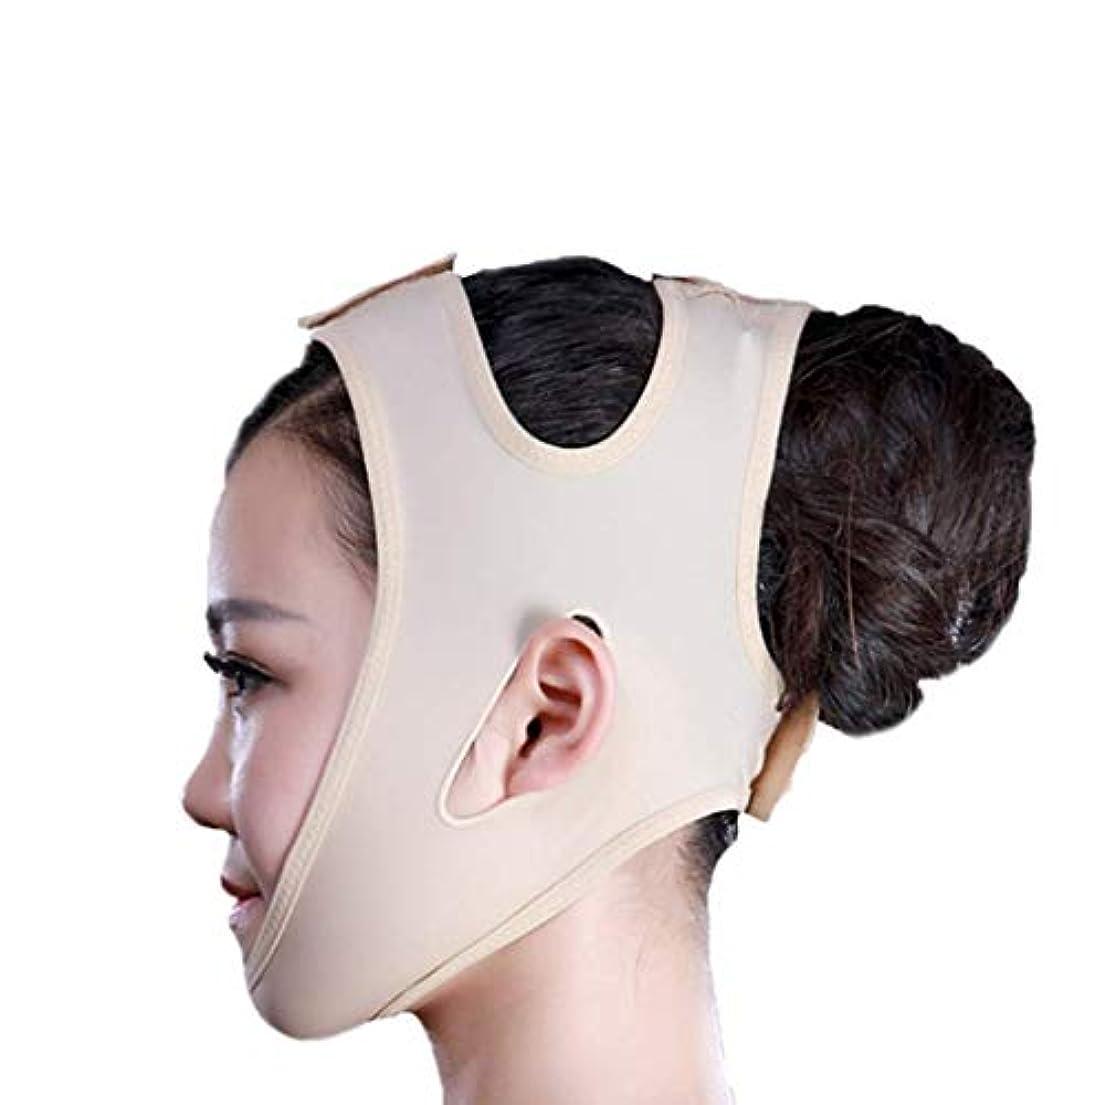 尋ねる警報汚染フェイススリミングマスク、快適さと通気性、フェイシャルリフティング、輪郭の改善された硬さ、ファーミングとリフティングフェイス(カラー:ブラック、サイズ:XL),黄色がかったピンク、M